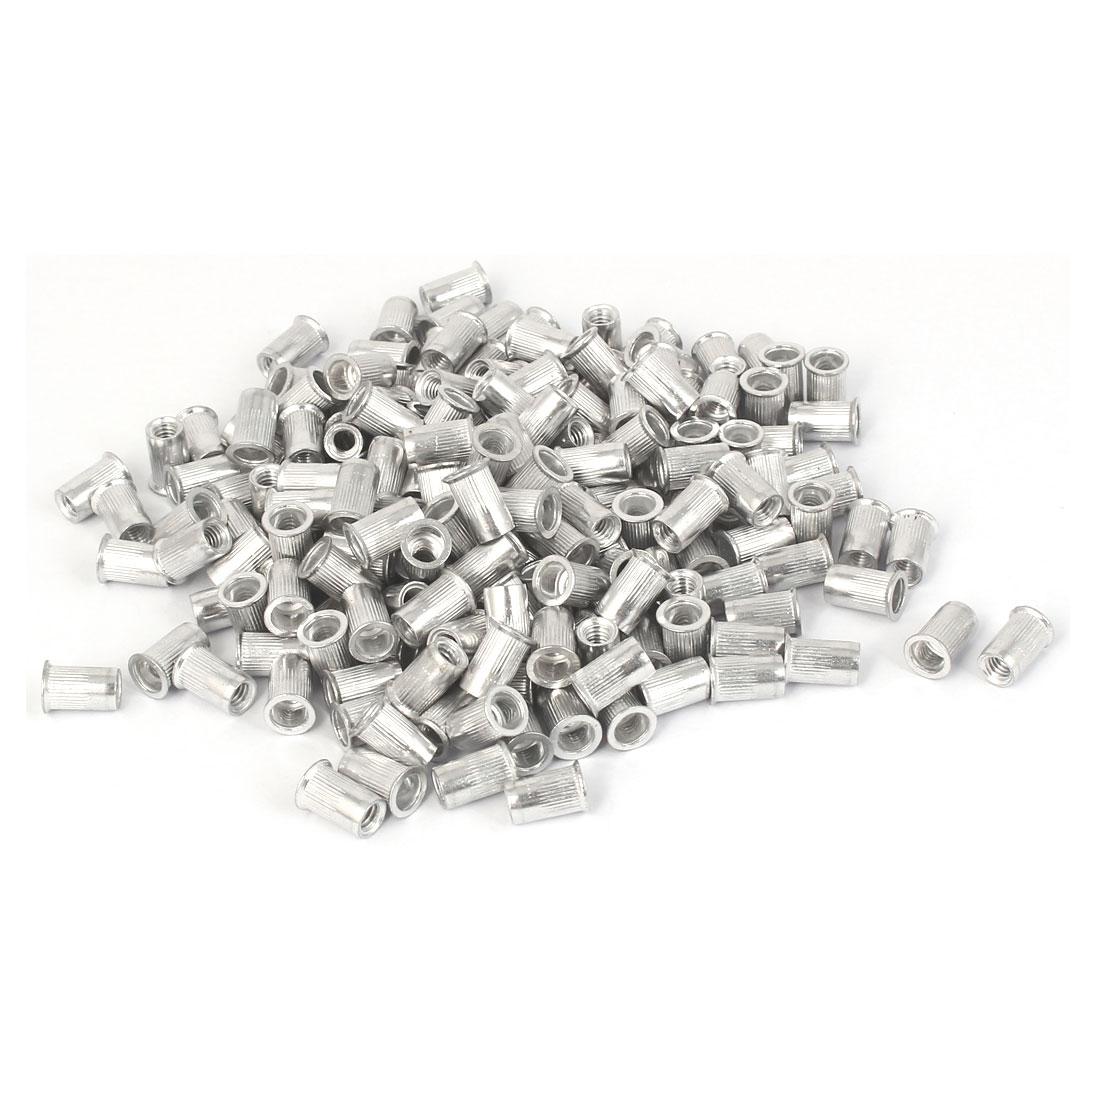 M4x9.8mm Aluminum Straight Knurled Reduced Head Rivet Nut 200pcs